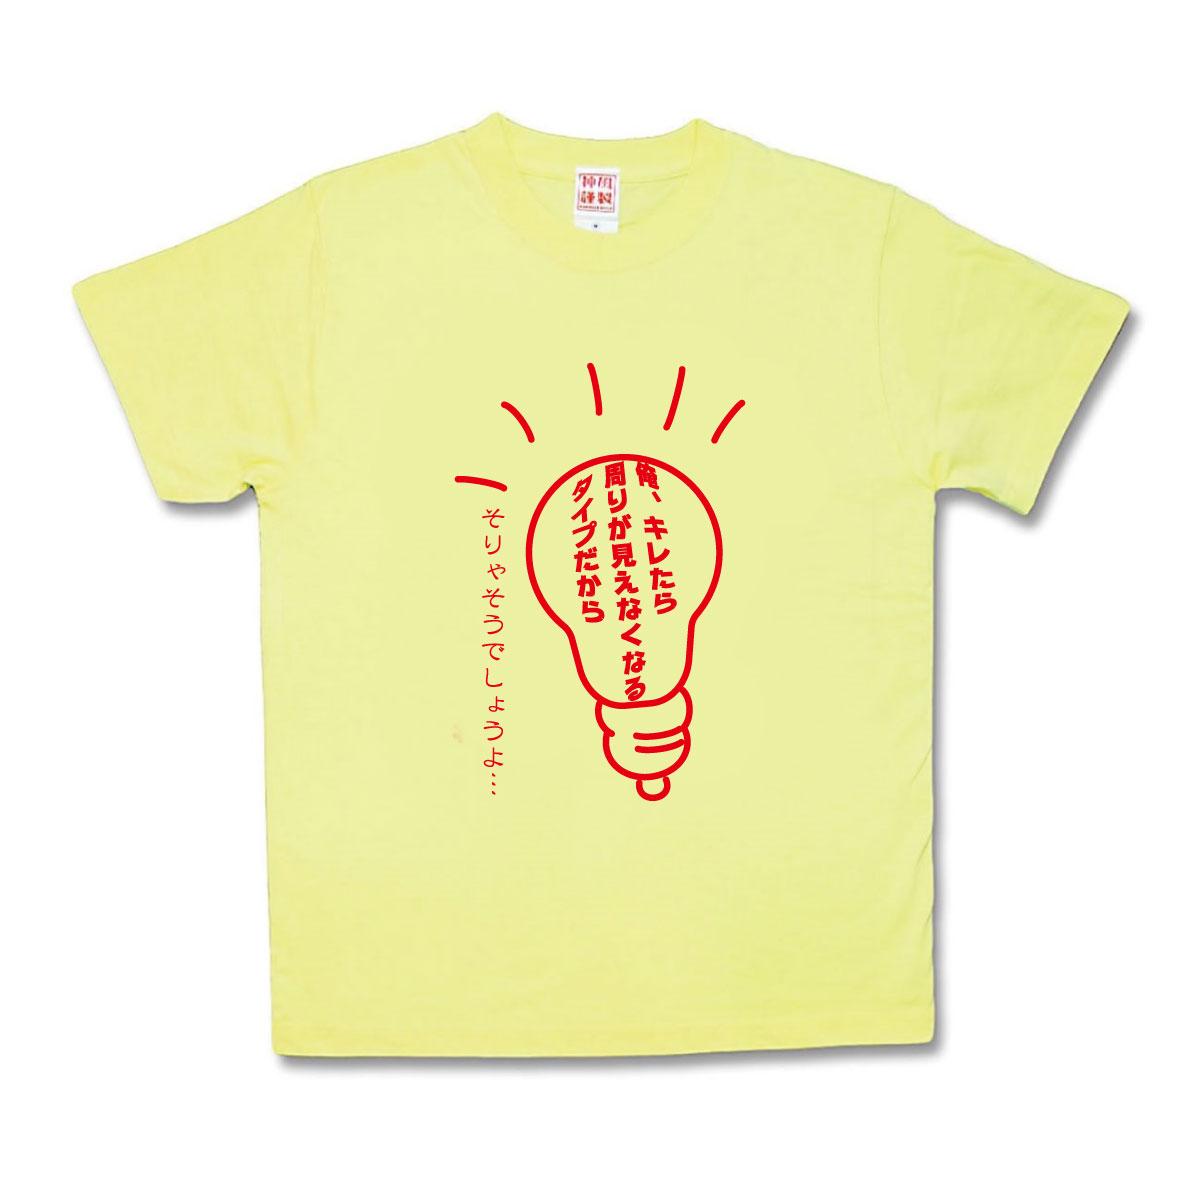 おもしろTシャツ 激安格安割引情報満載 電球の一言 安心と信頼